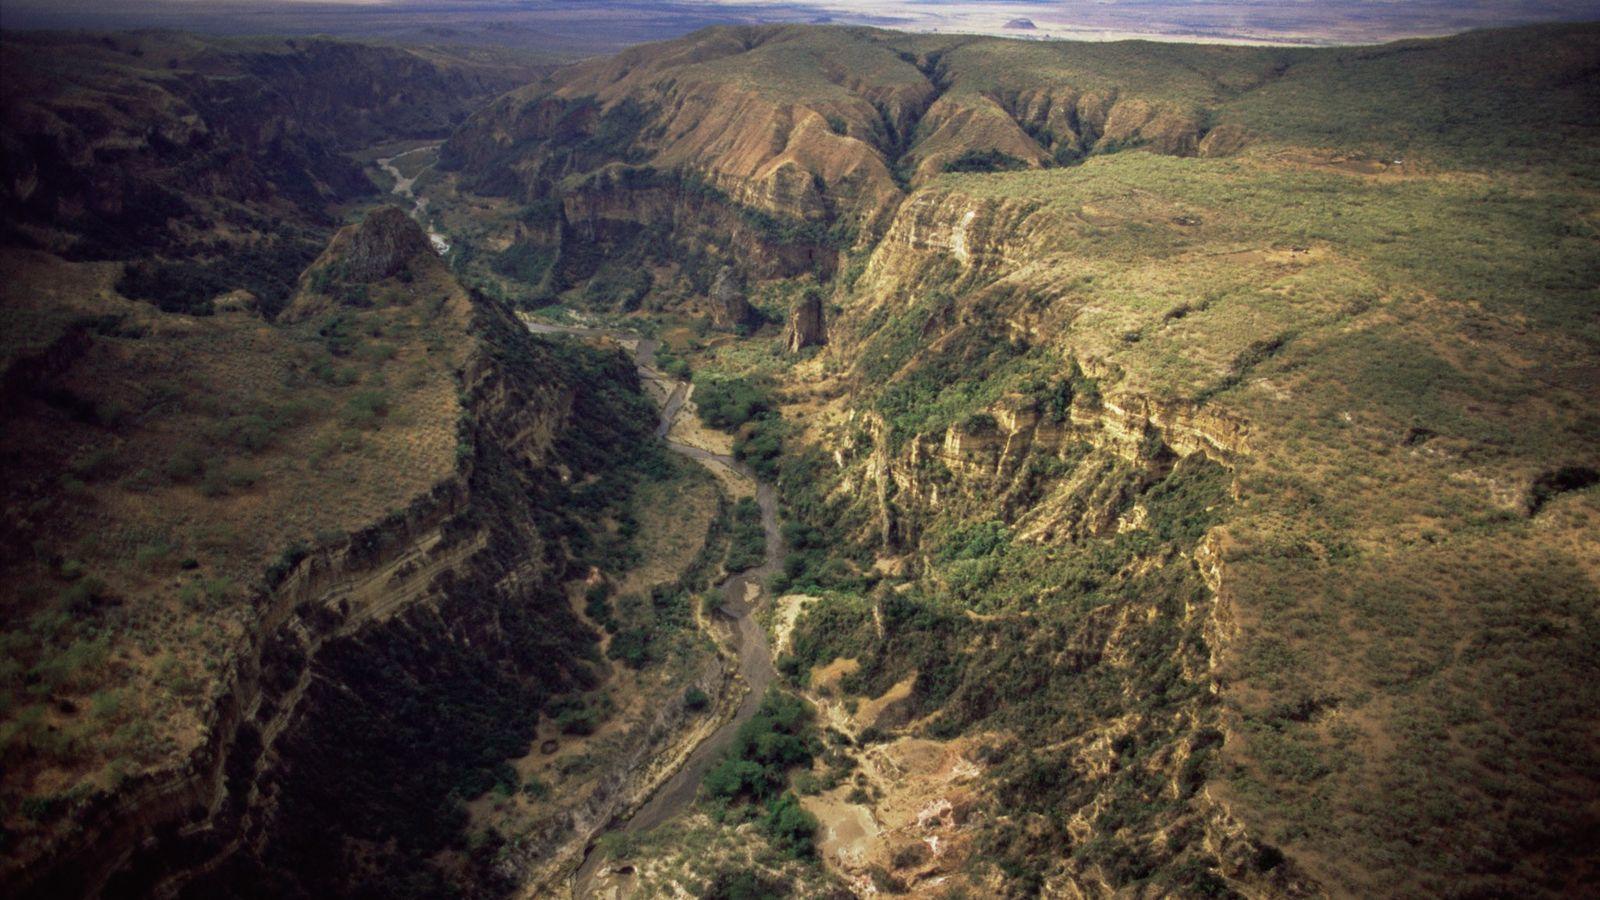 Trilhas de caminhada fazem curvas sinuosas ao redor do desfiladeiro Ol Njorowa, no Parque Nacional Hell's ...